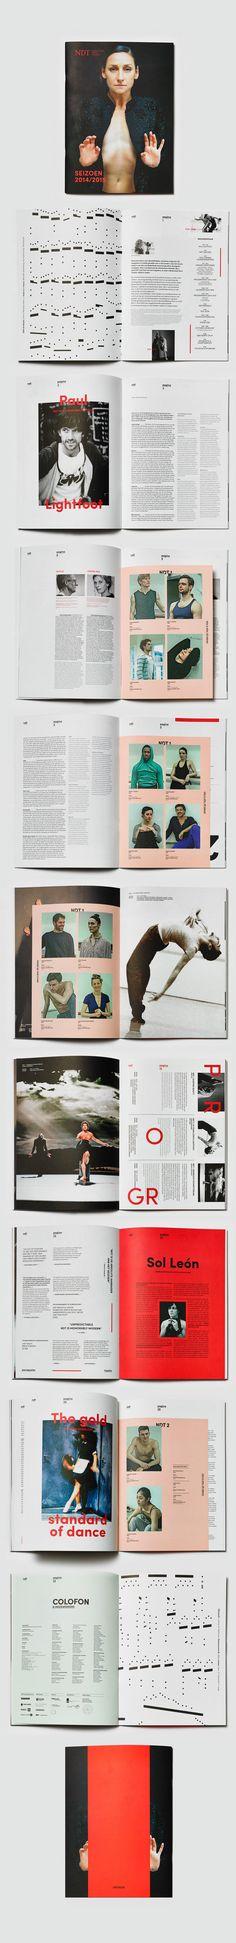 Nederlands Dans Theater by Studio Beige, via Behance